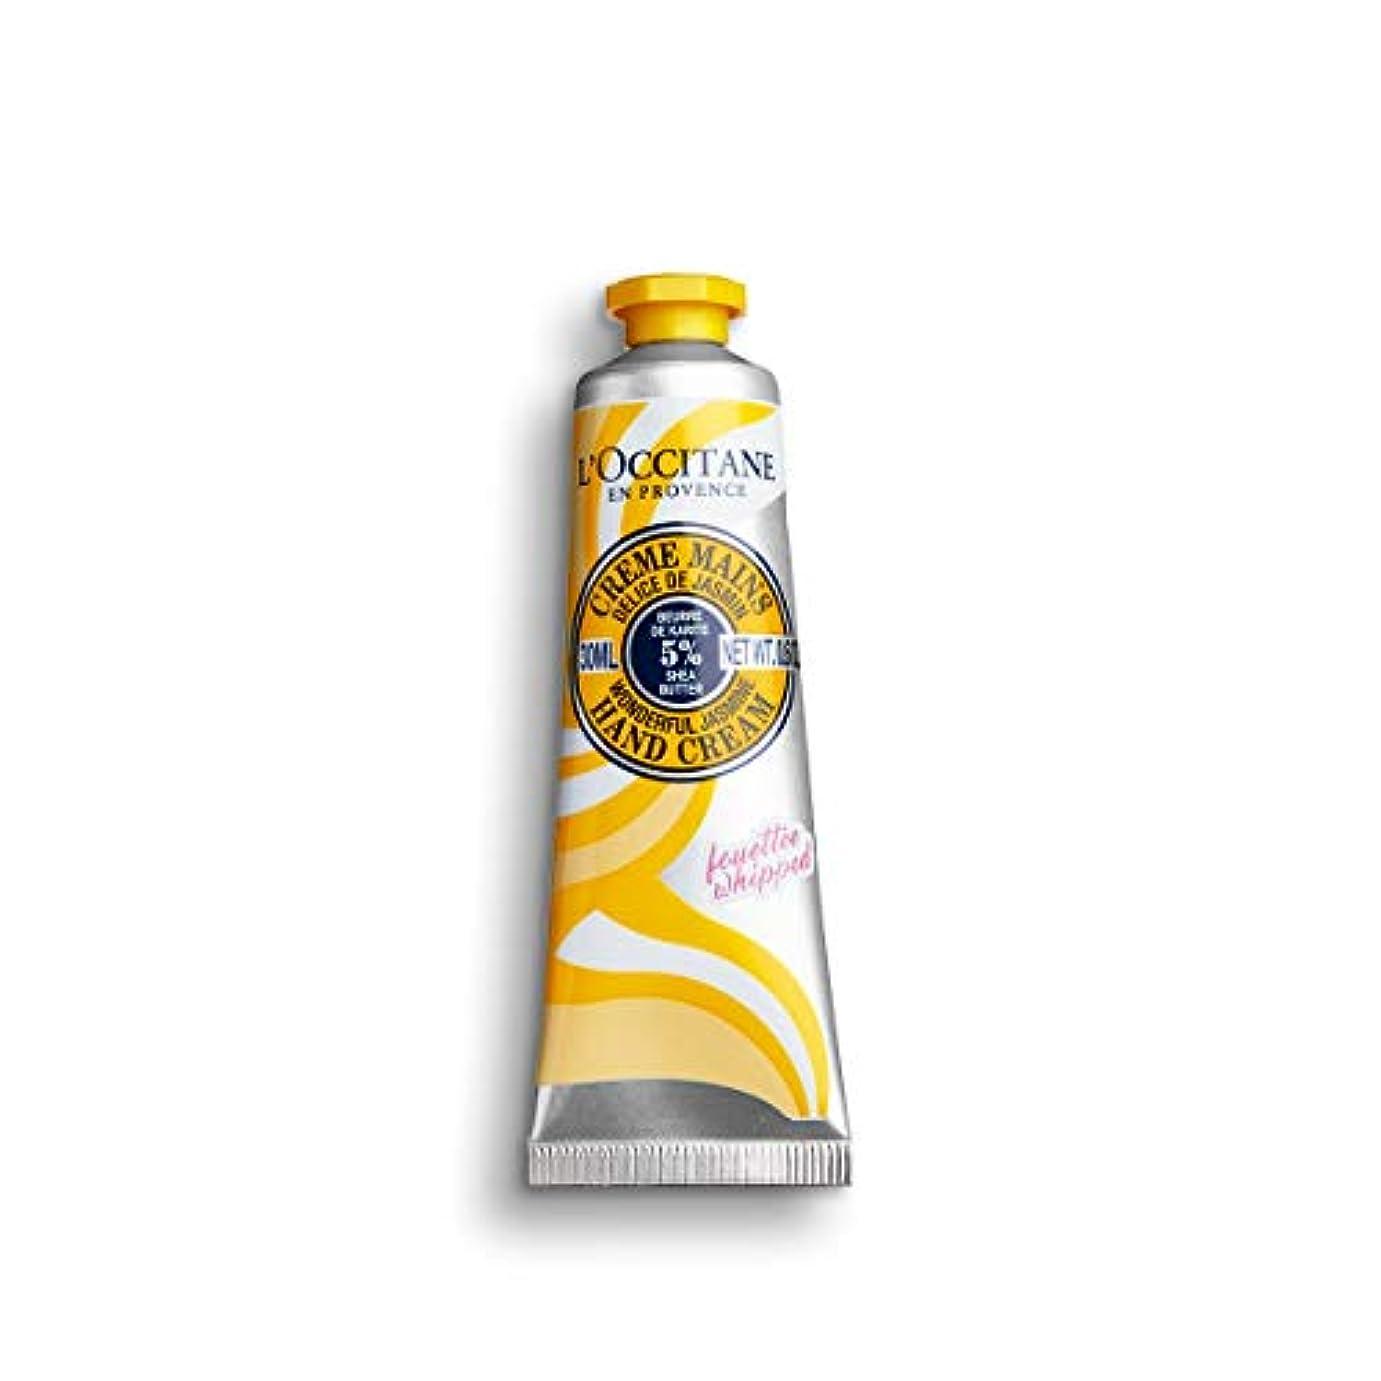 責任暴君カポックロクシタン(L'OCCITANE) スノーシア ハンドクリーム(ジャスミンパッション) 30ml